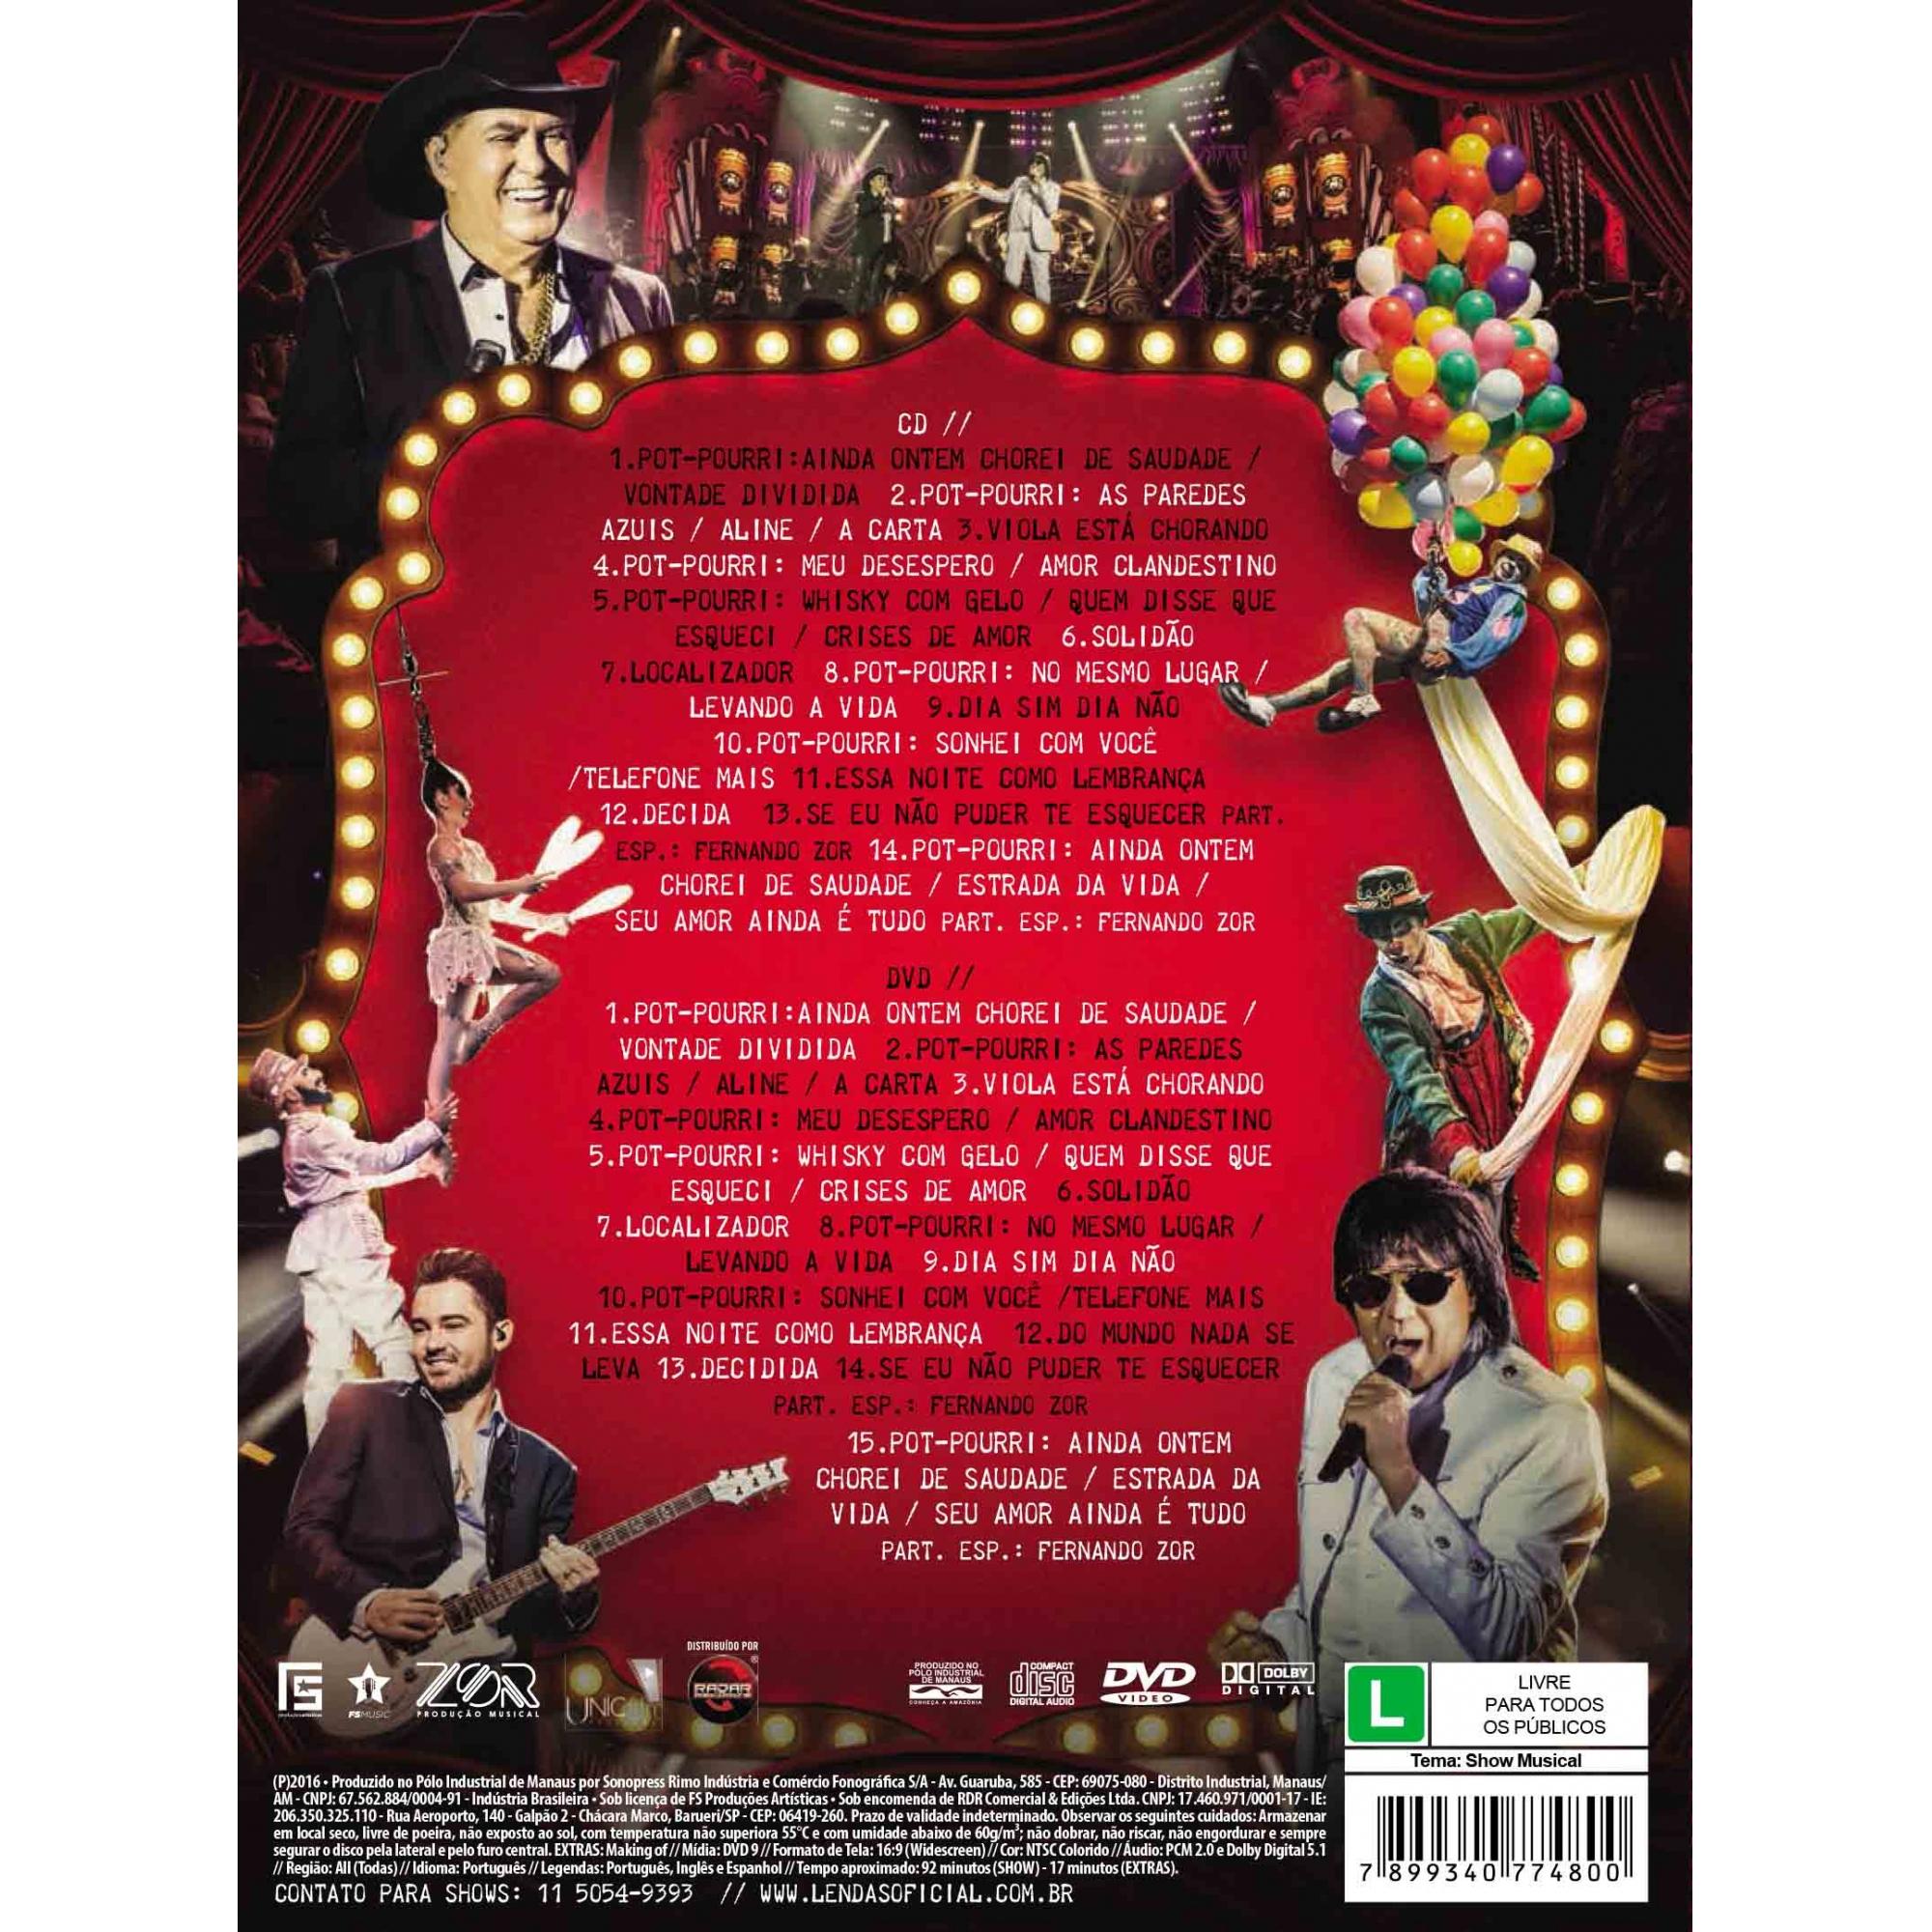 KIT DVD+CD MILIONÁRIO & MARCIANO - LENDAS